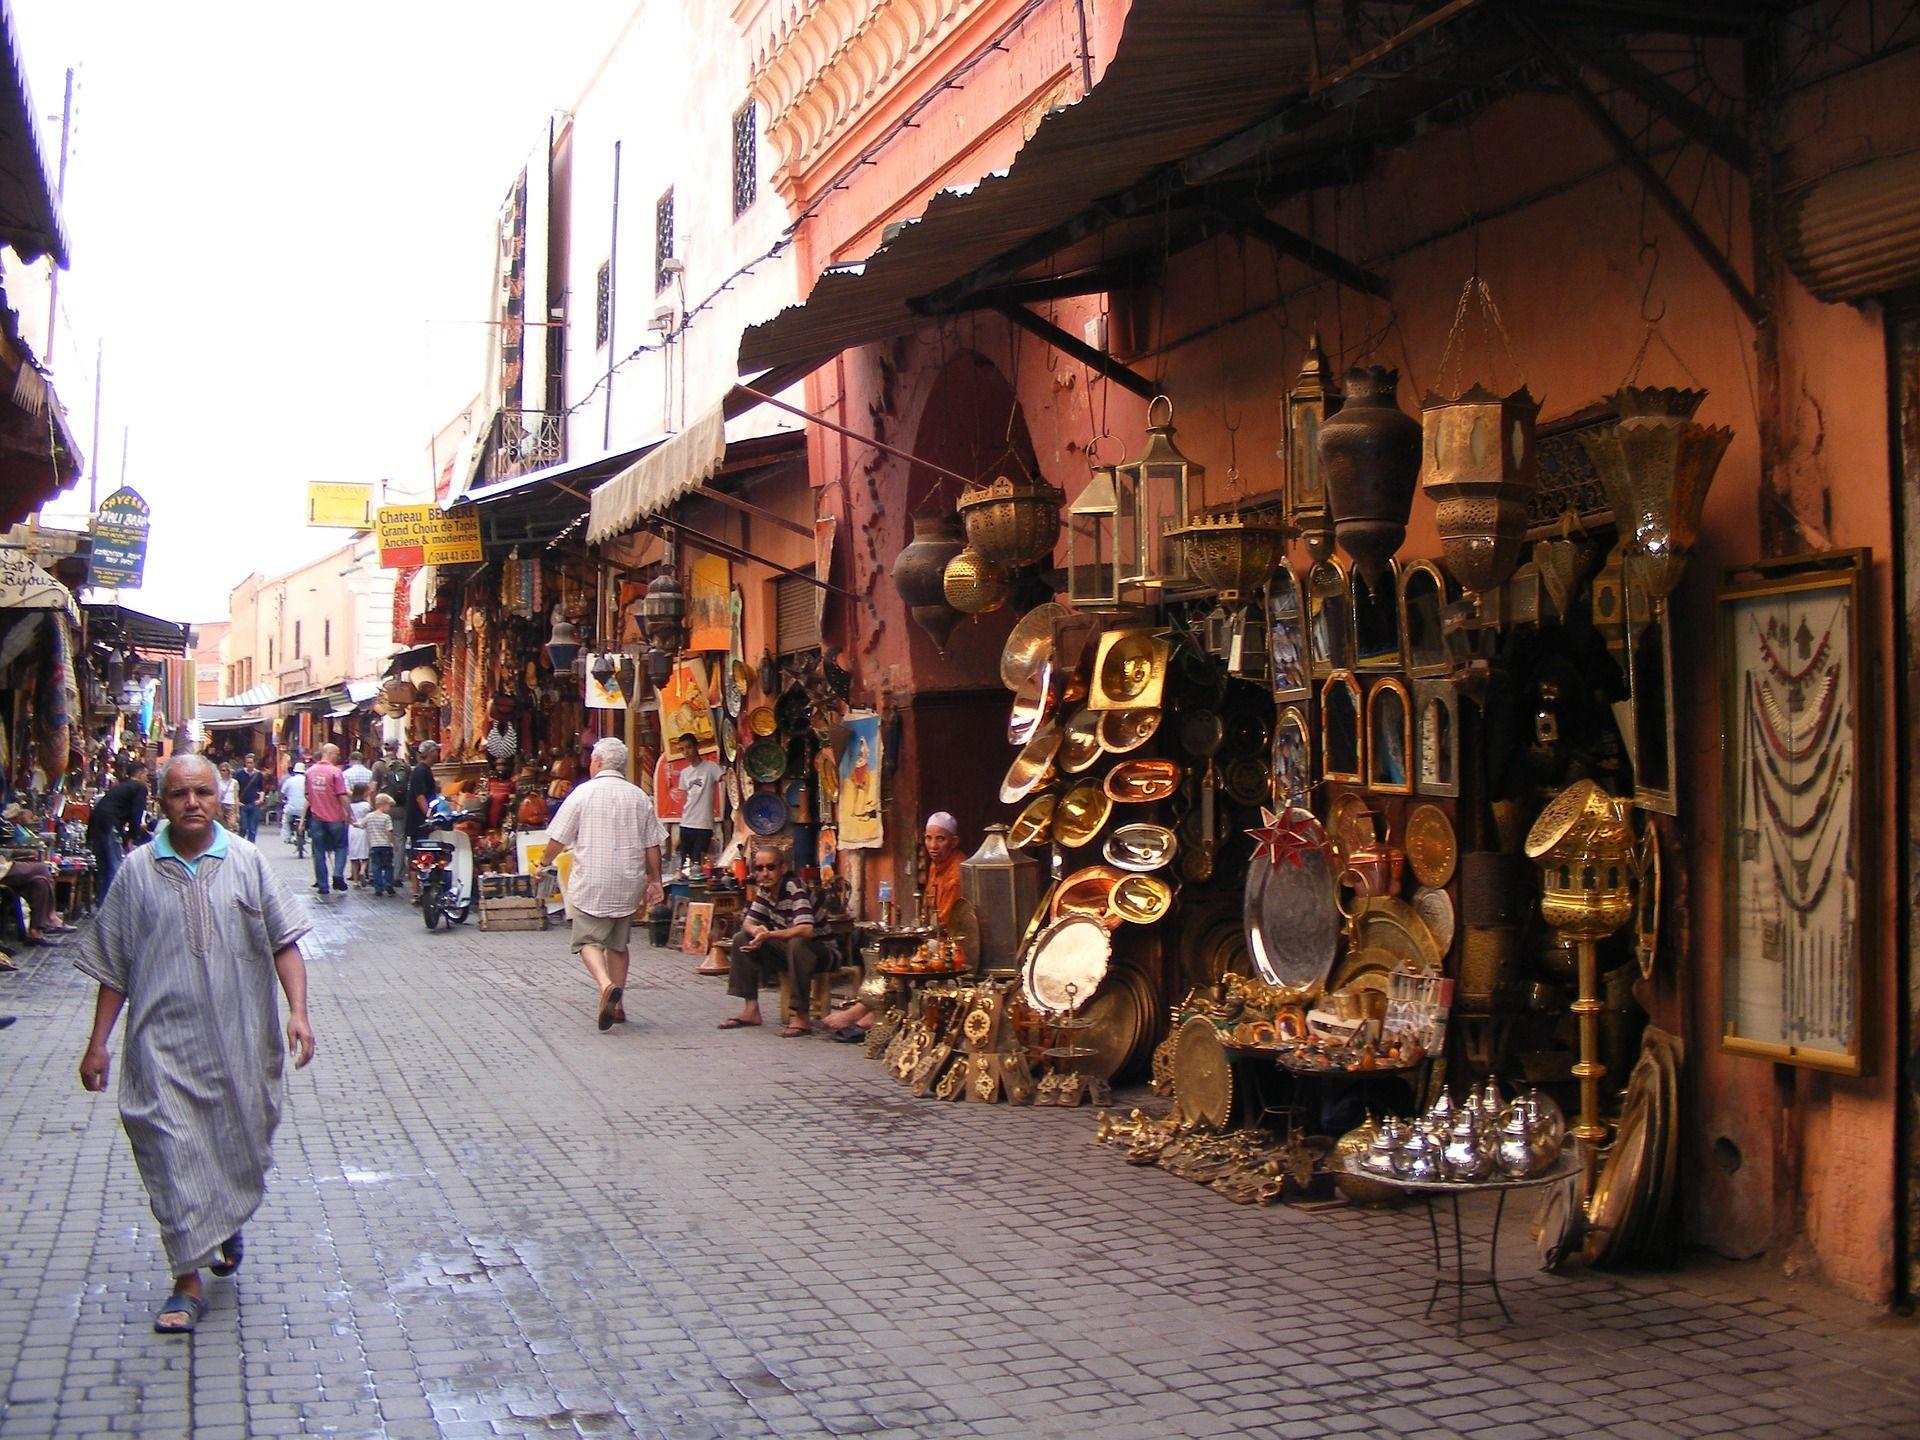 Marrakesch Strassen Marrakesch Marokko Reisen Agypten